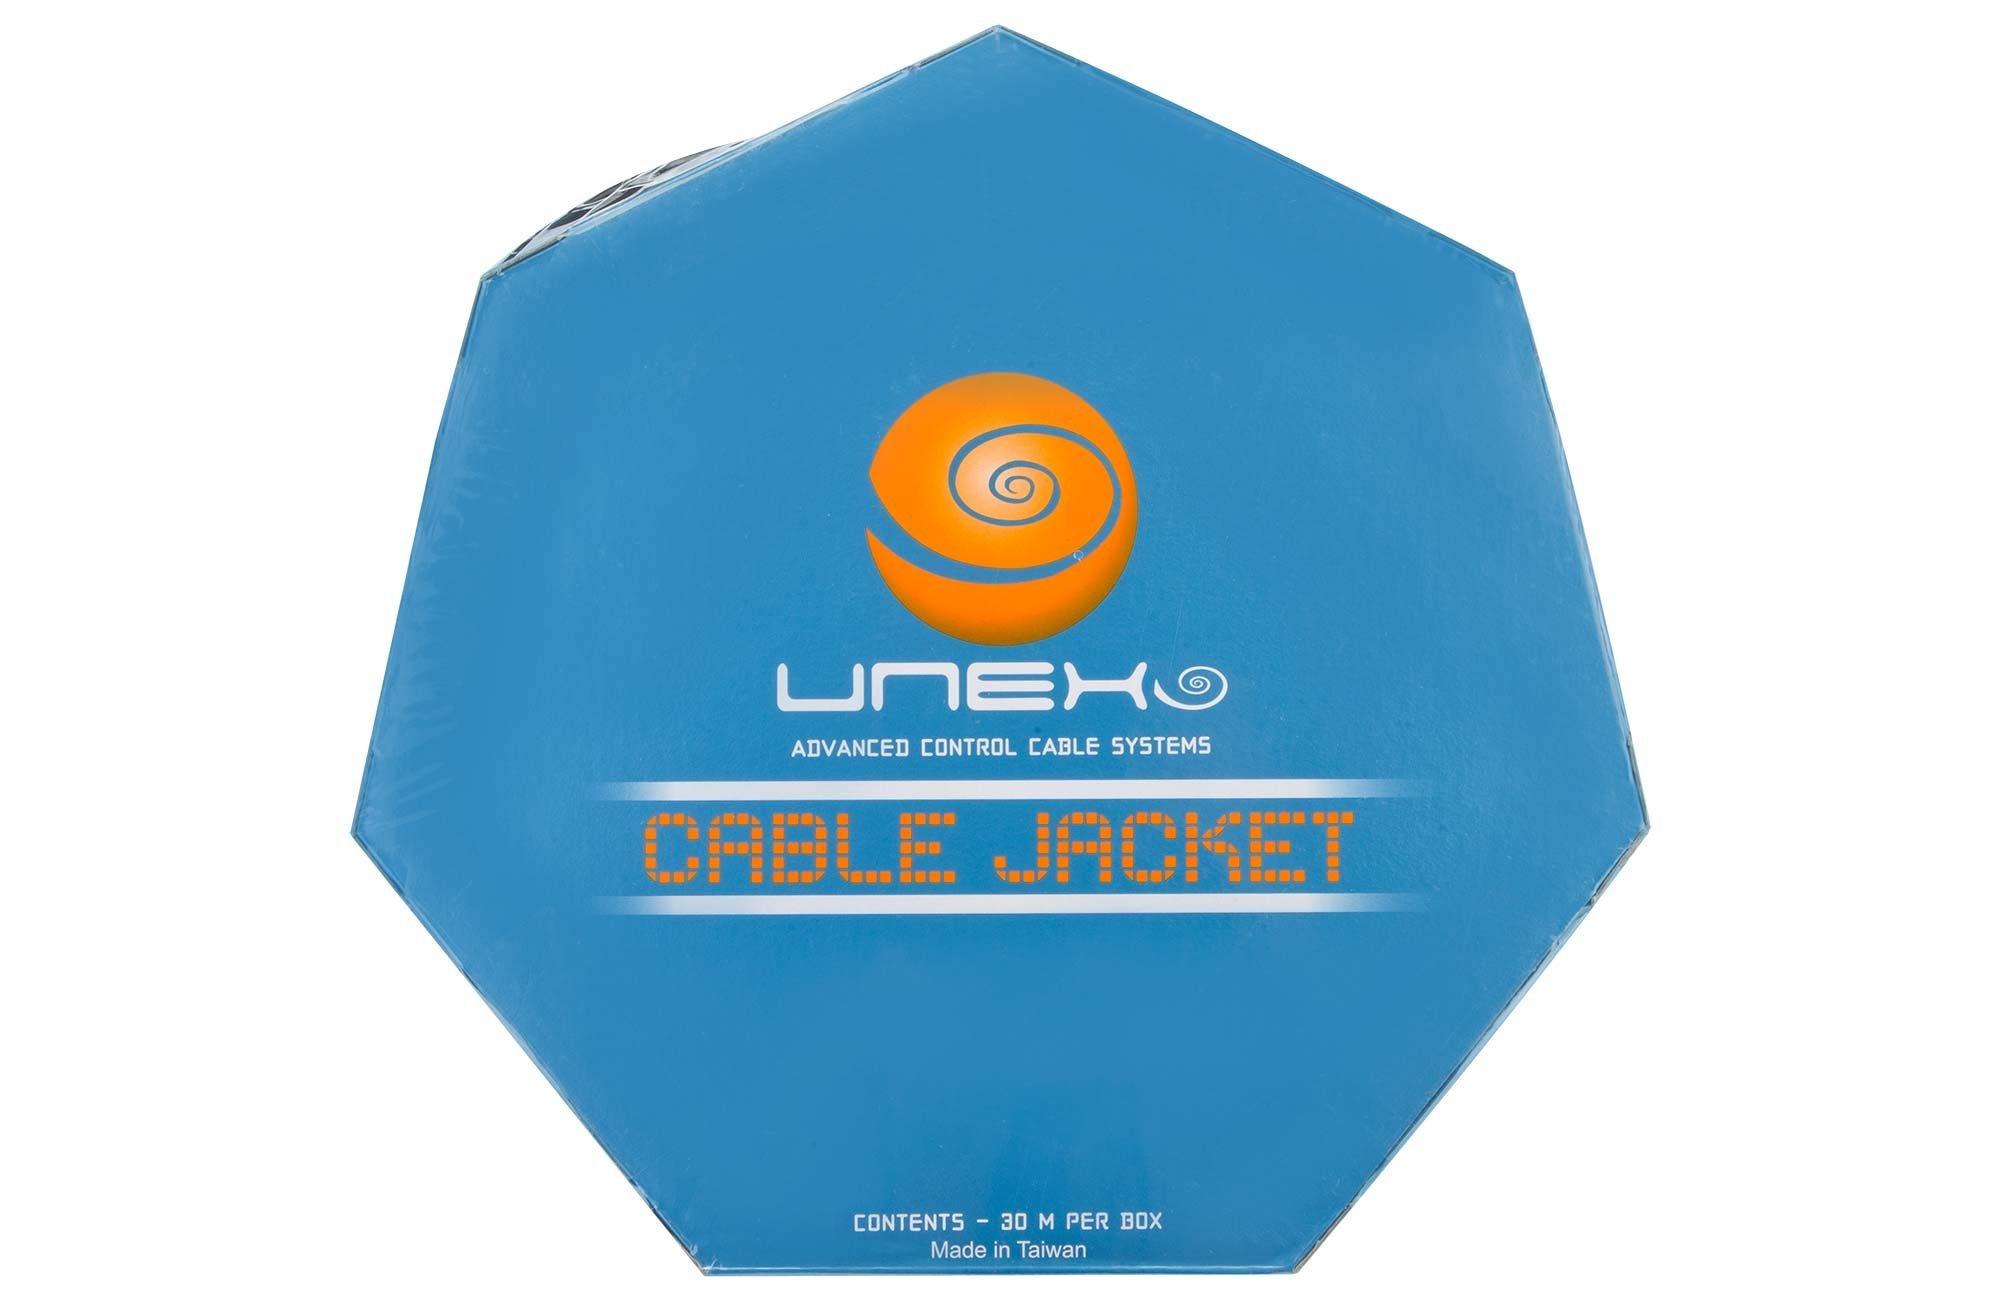 Купить Рубашка троса тормоза UN-22030 3-х слойная (1м) в интернет магазине велосипедов. Выбрать велосипед. Цены, фото, отзывы